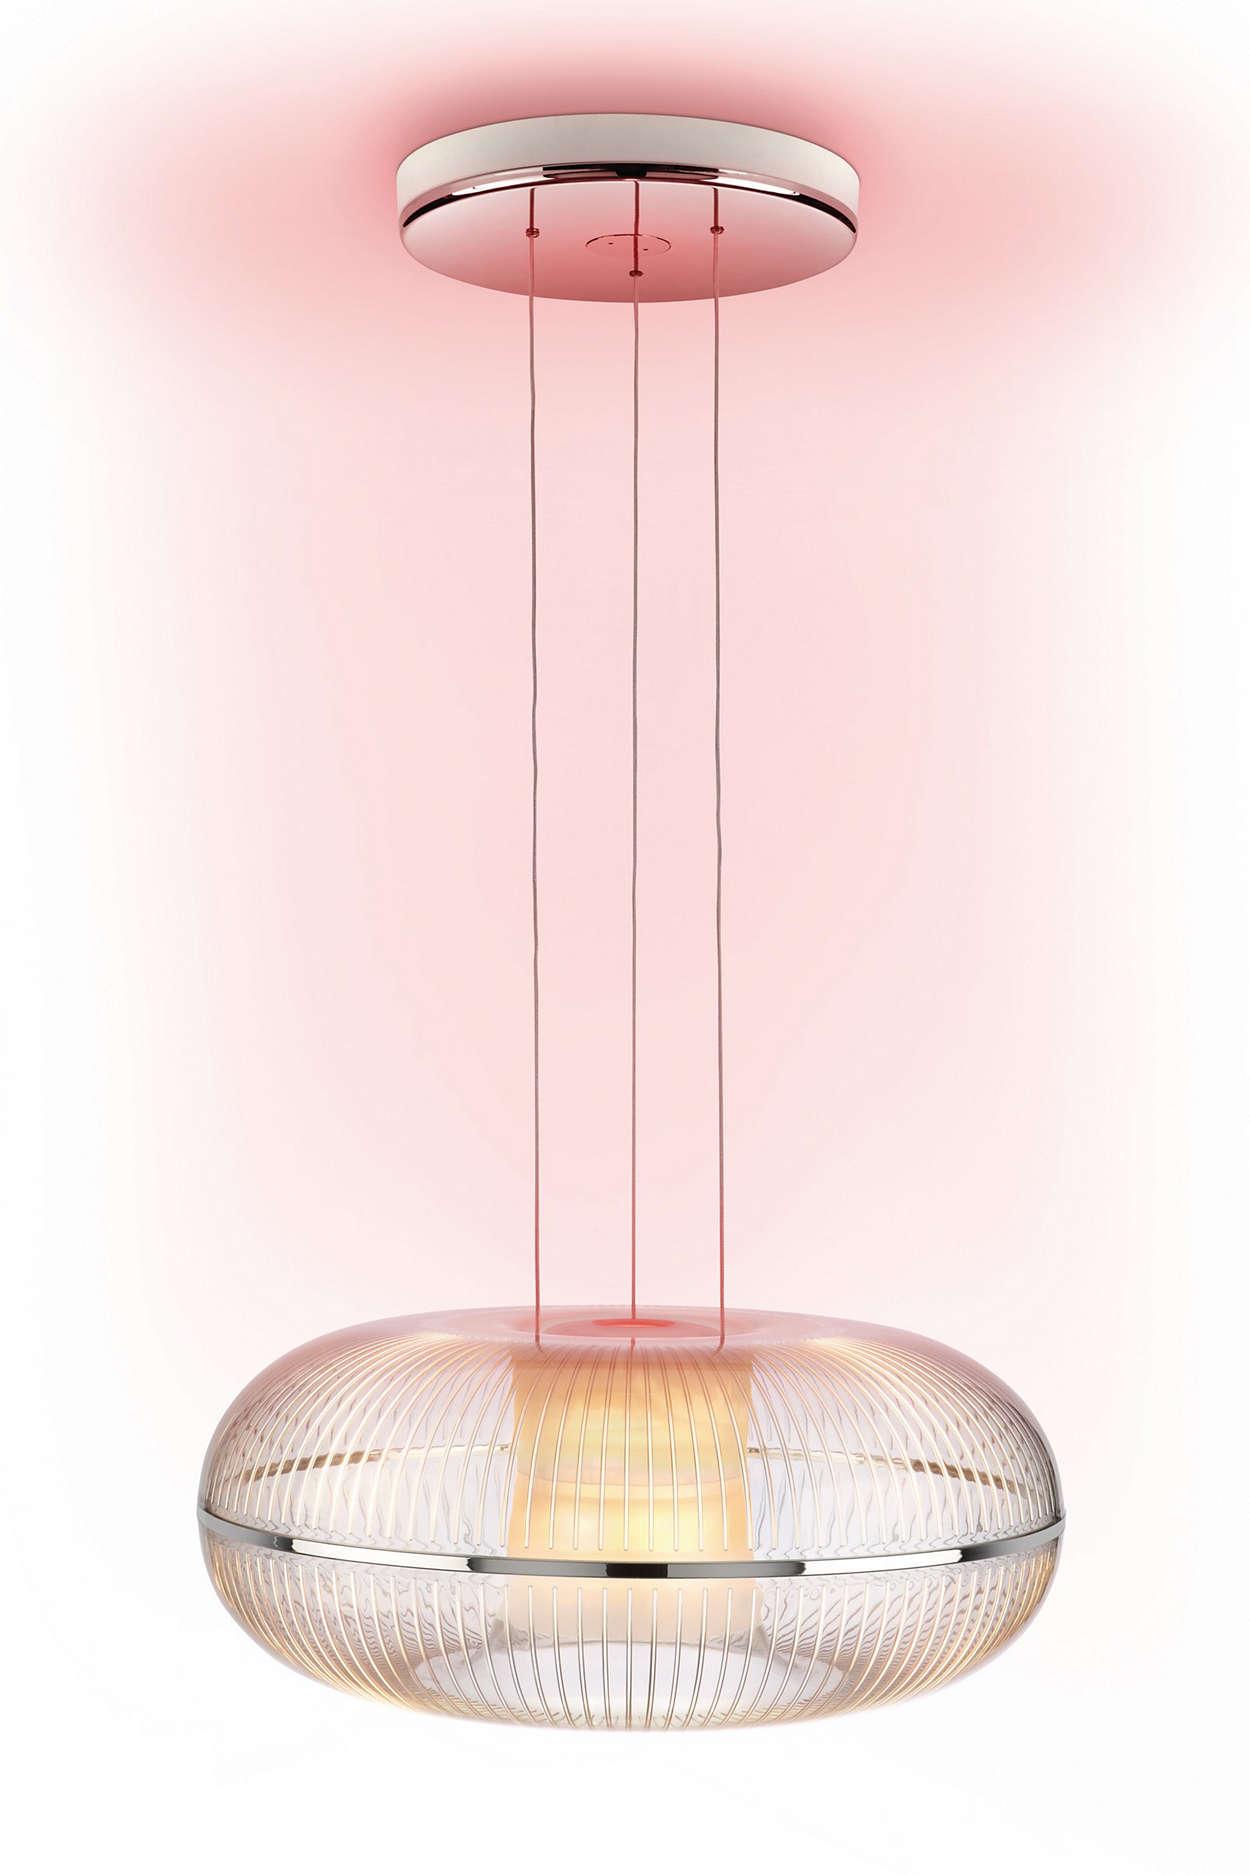 Skapa rätt ljus för stunden